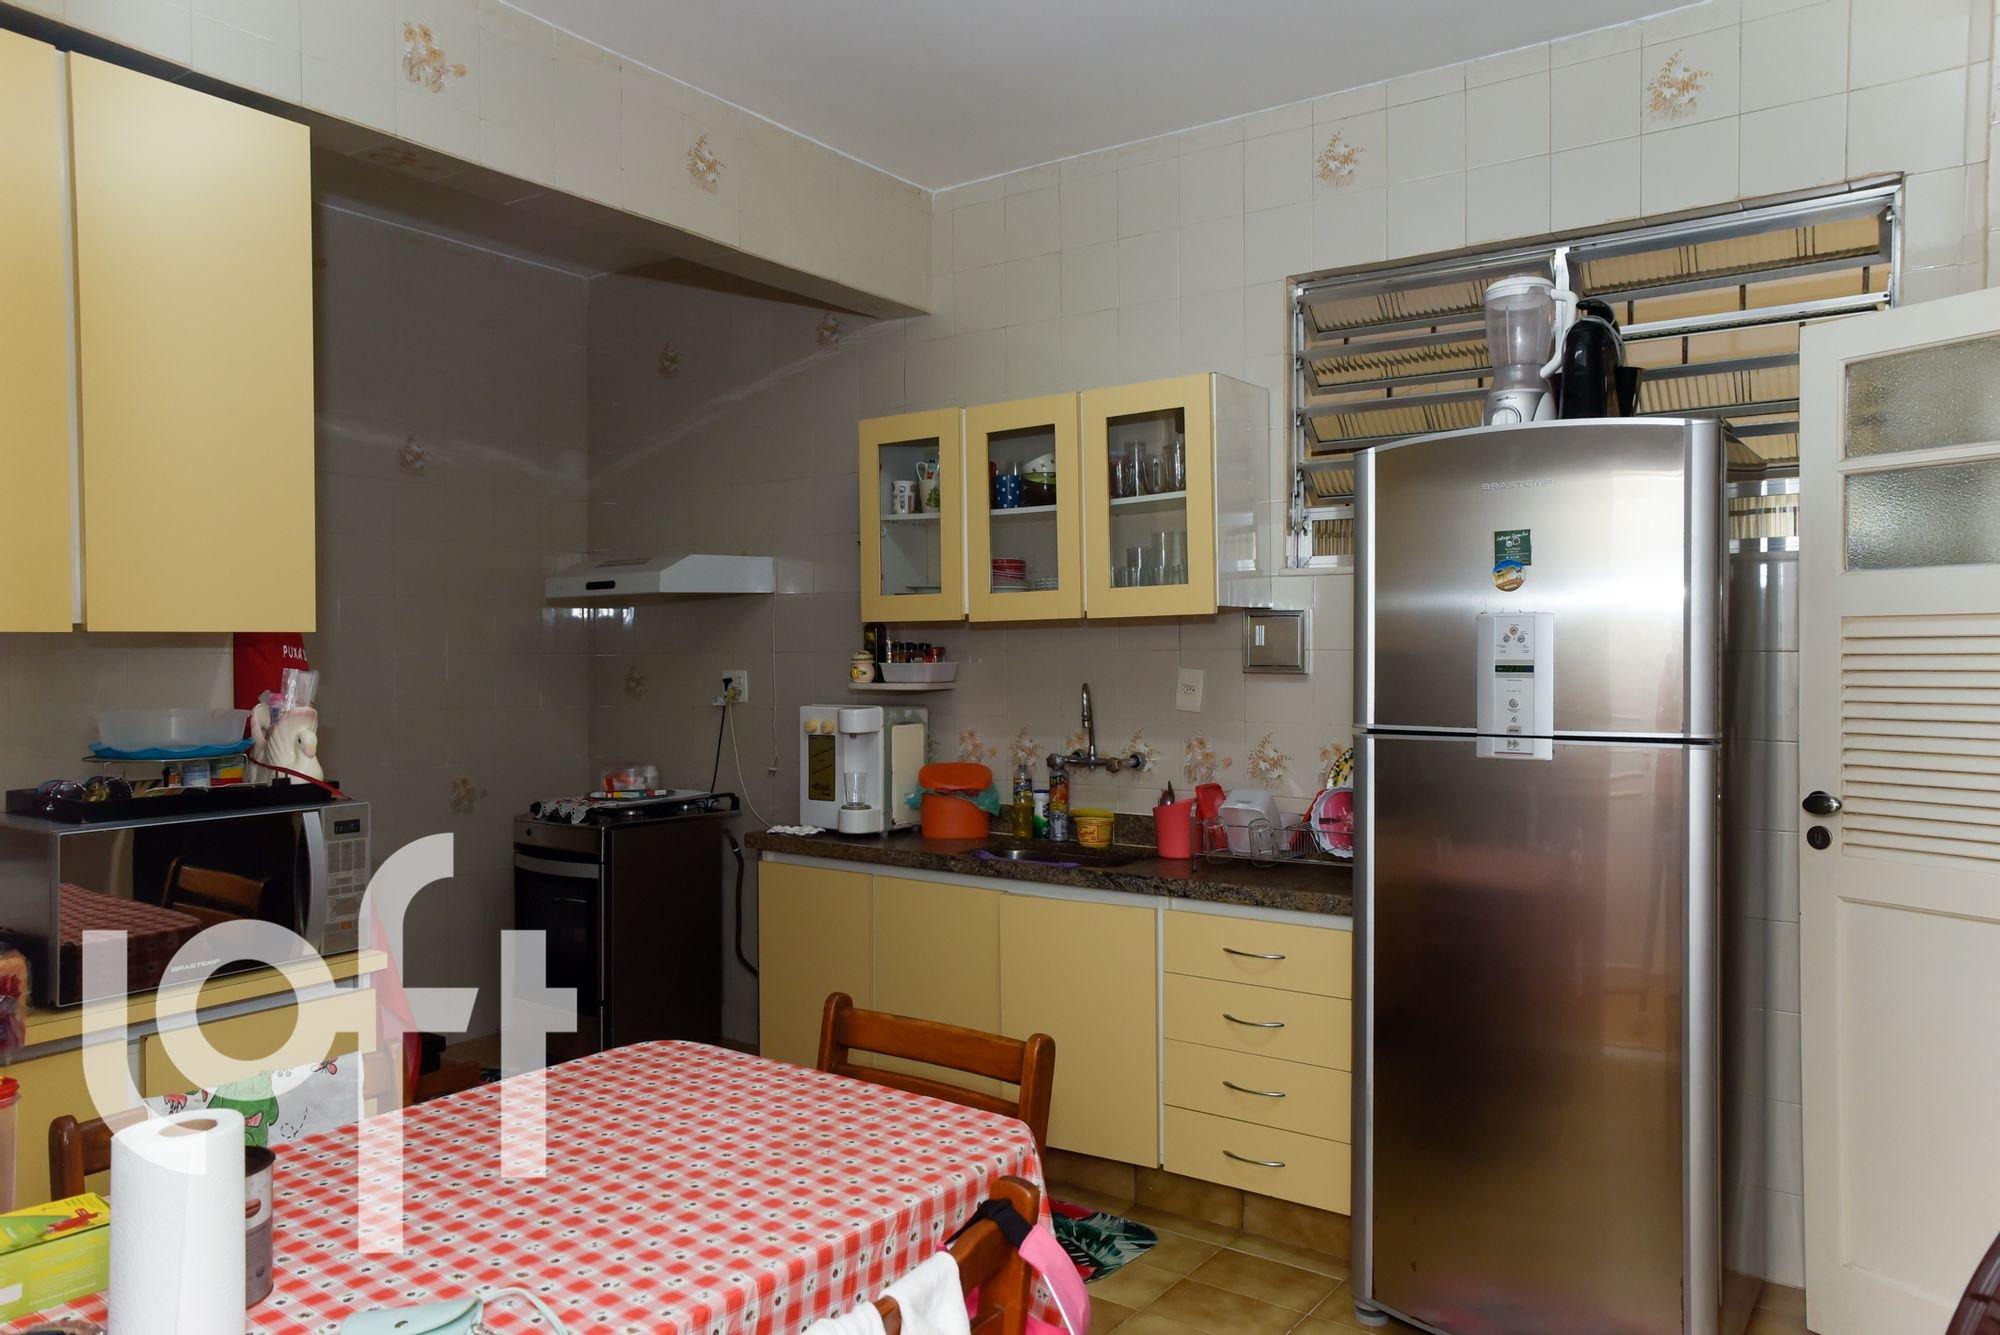 Foto de Cozinha com garrafa, forno, geladeira, cadeira, mesa de jantar, xícara